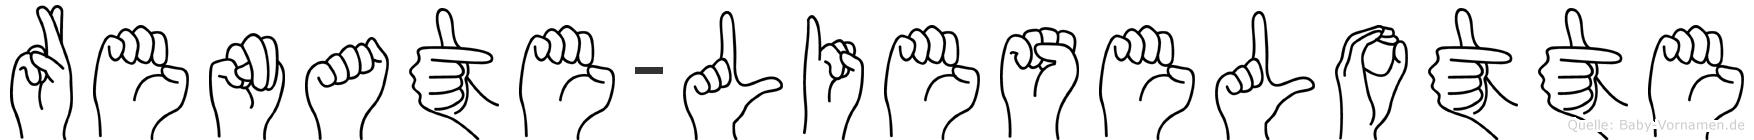 Renate-Lieselotte im Fingeralphabet der Deutschen Gebärdensprache